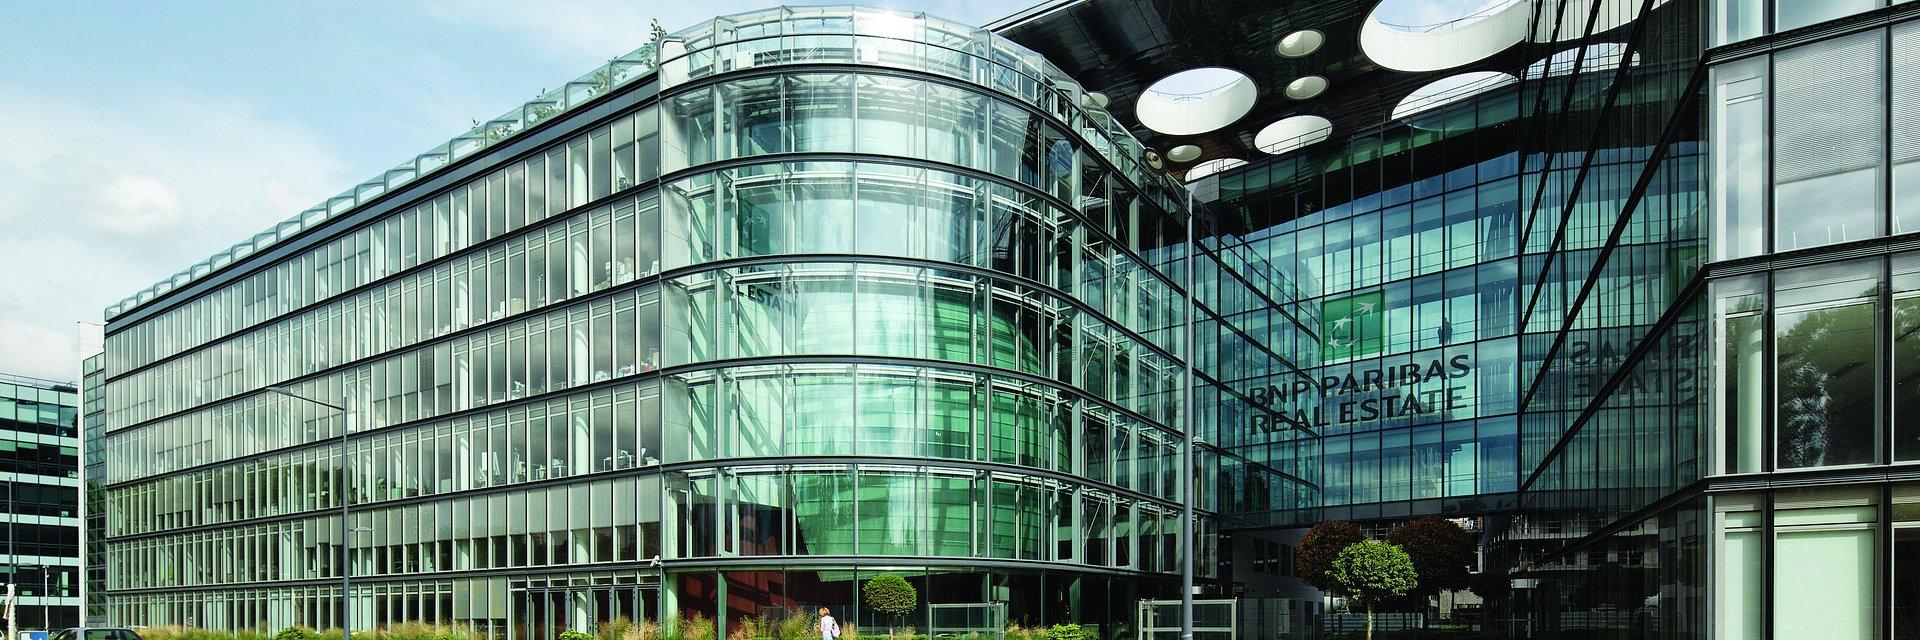 BNP Paribas Real Estate generuje rekordowe przychody w wysokości 1.01 mld euro w 2019 r., tym samym wyprzedzając założone cele